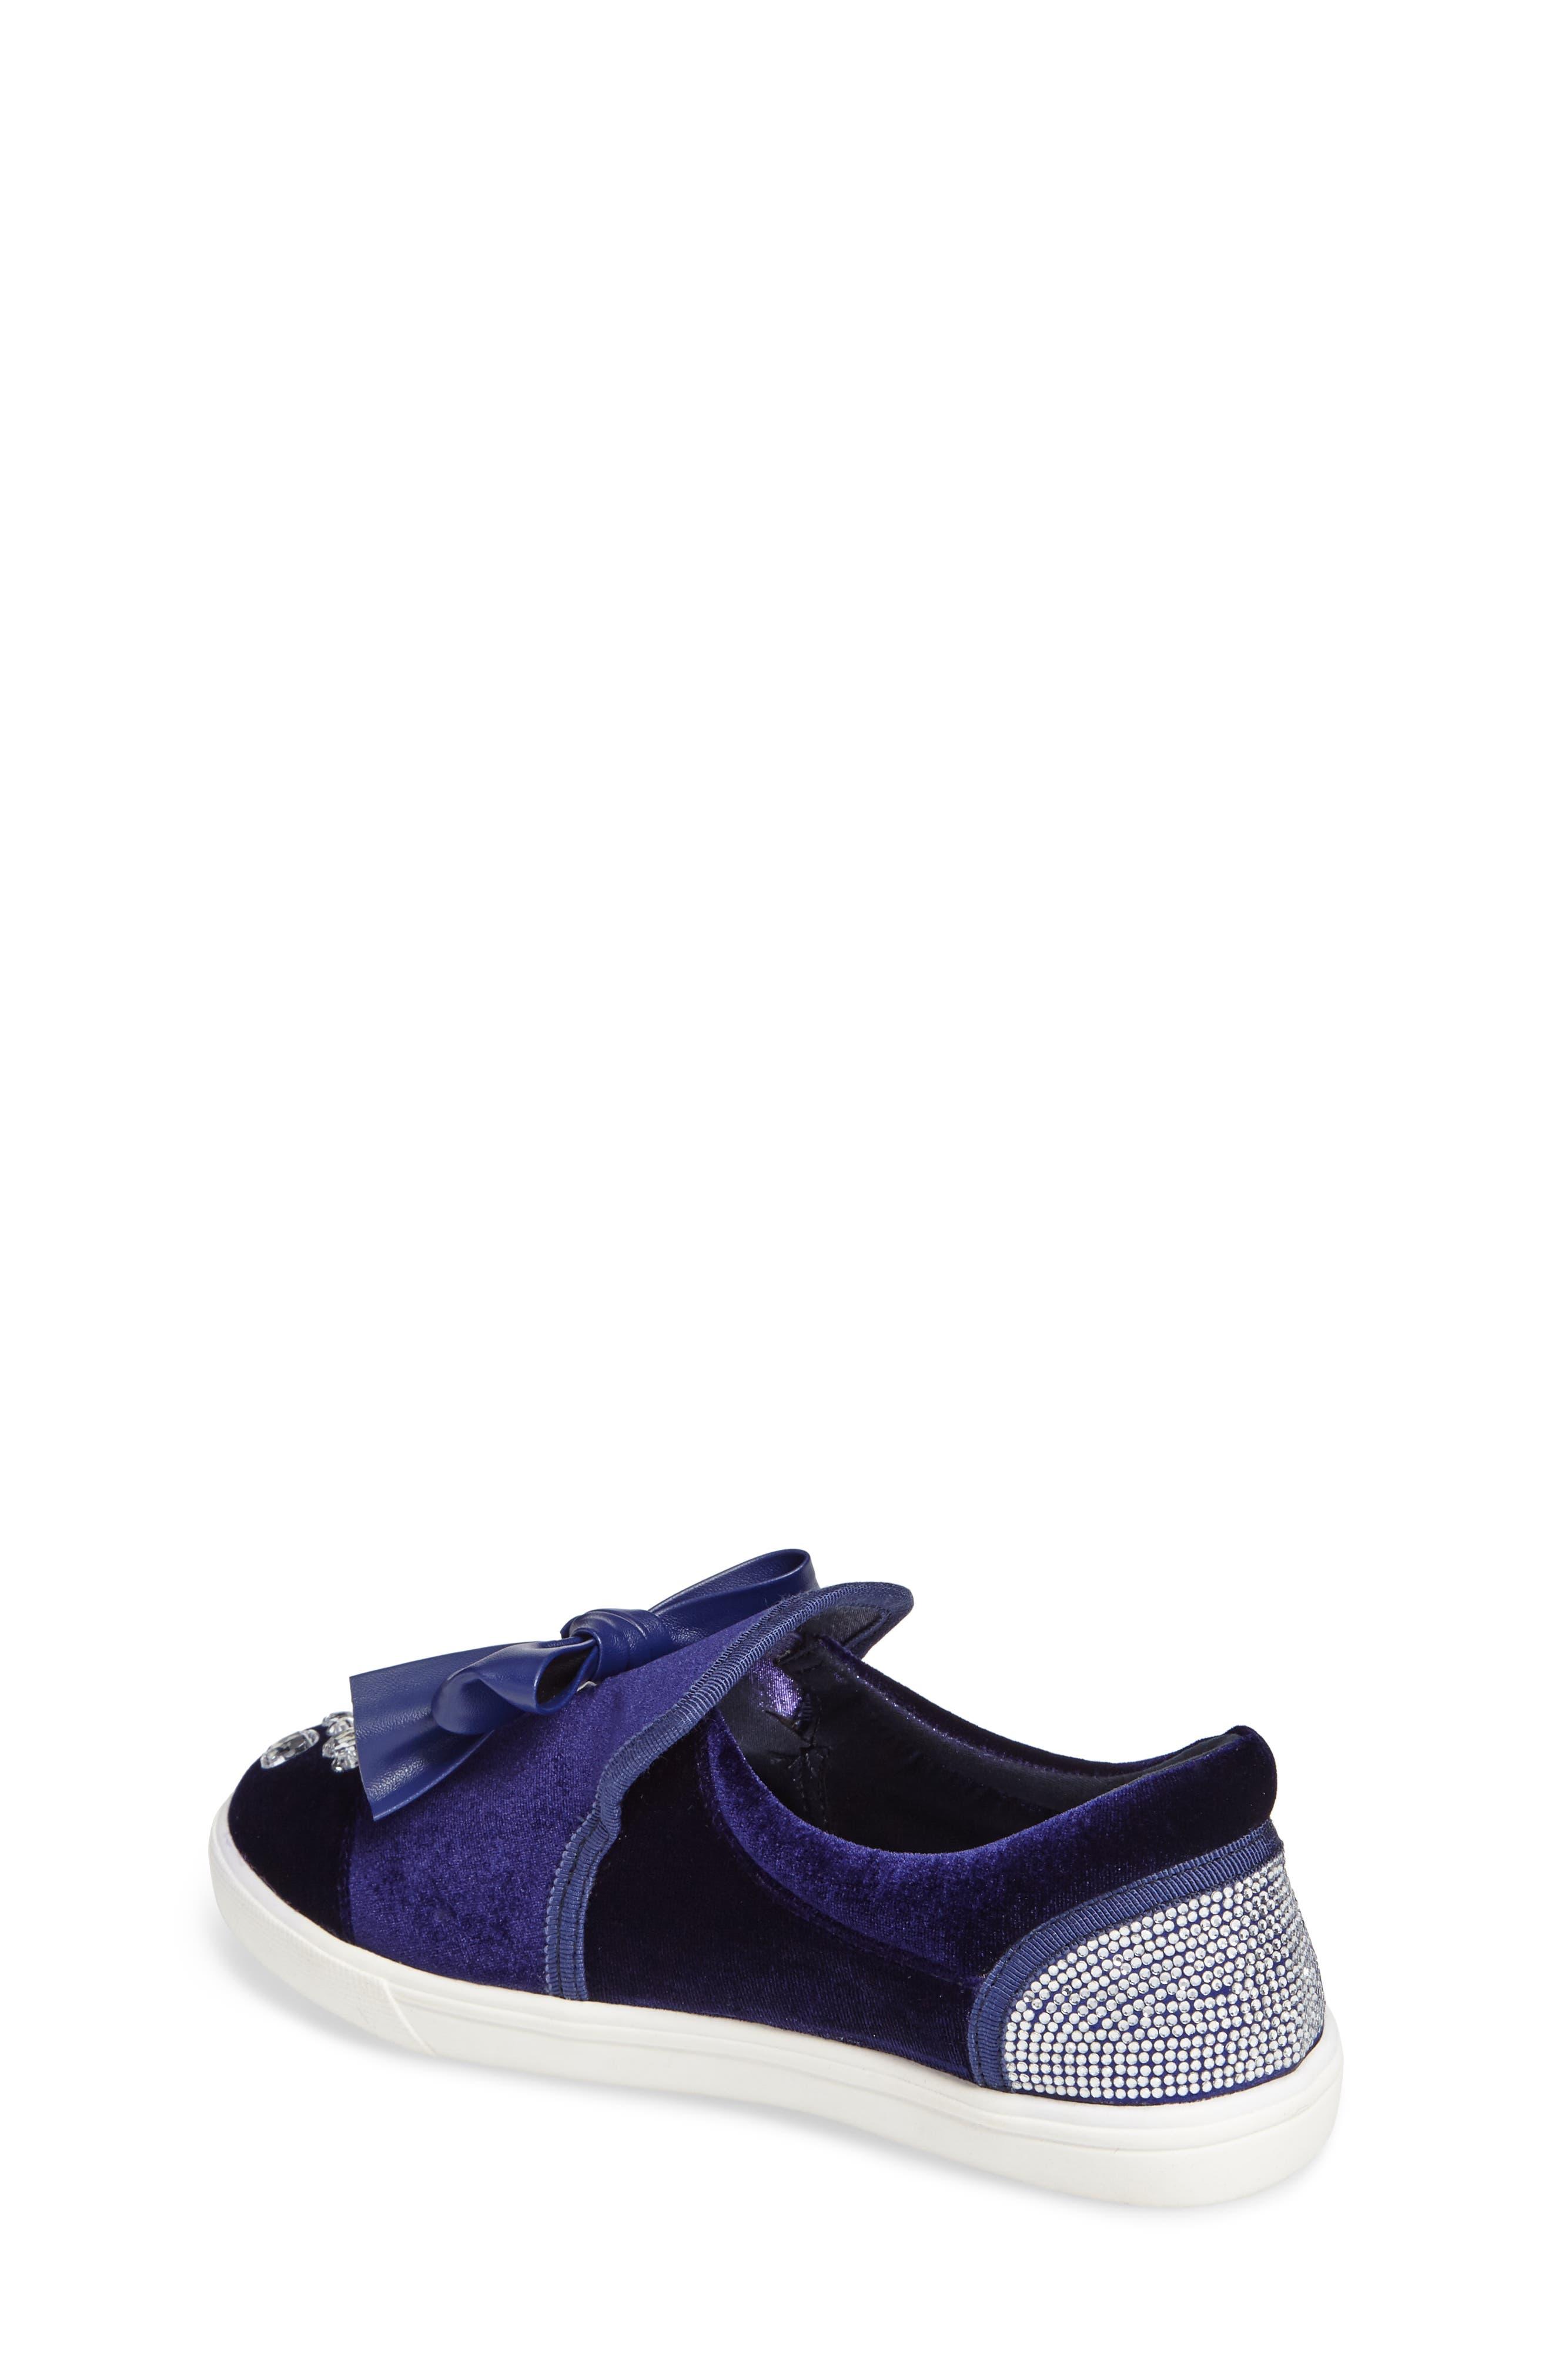 Delight Embellished Slip-On Sneaker,                             Alternate thumbnail 2, color,                             410